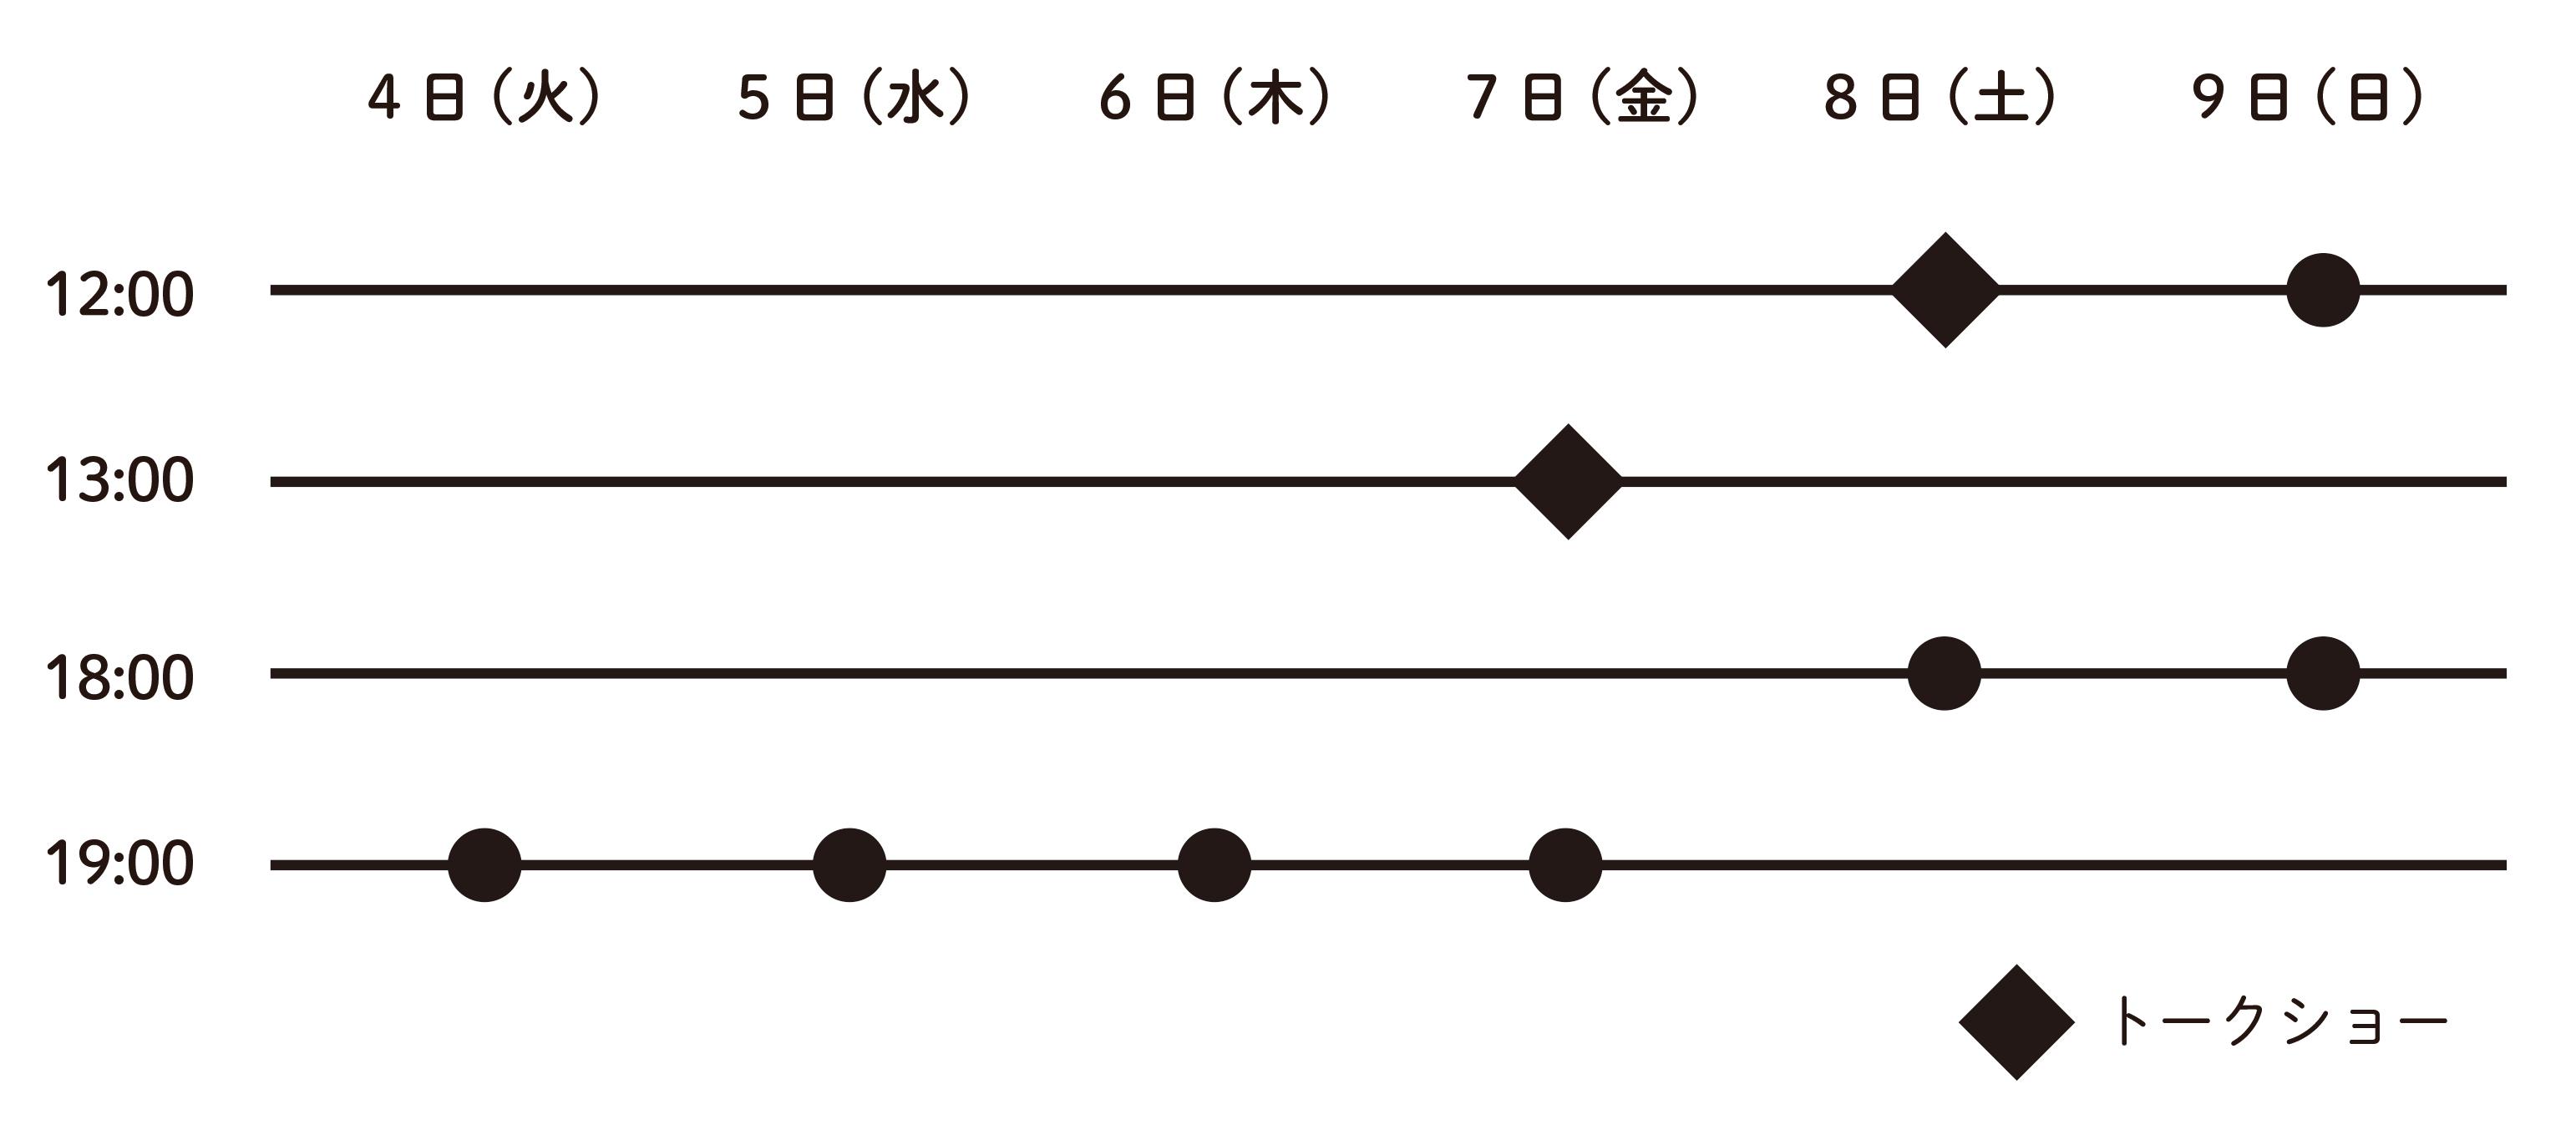 演劇チラシの日程デザイン 横線タイプ